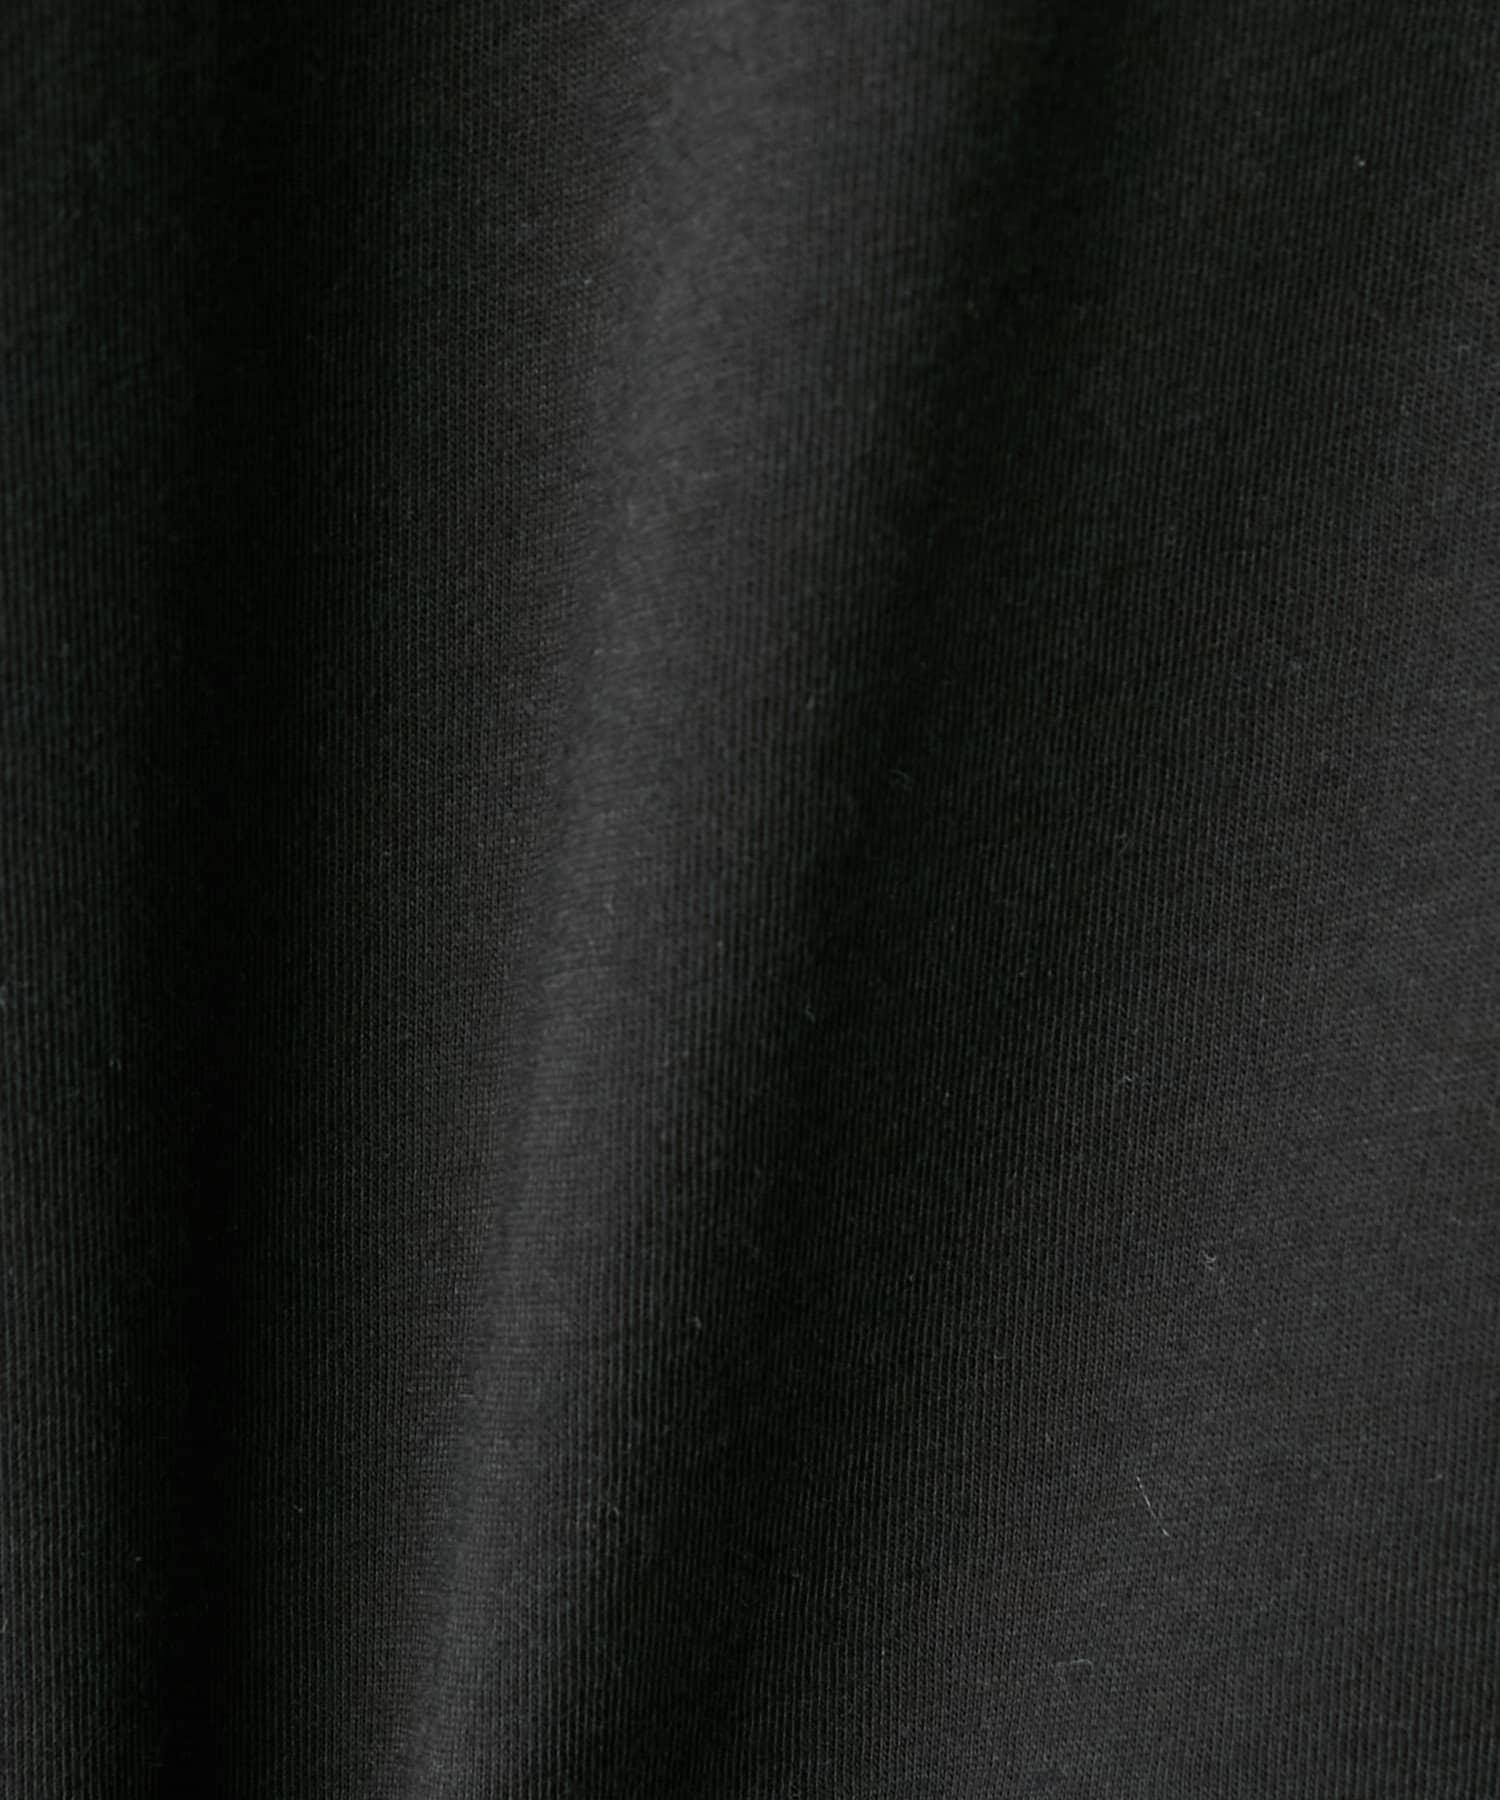 Discoat(ディスコート) 【NIKE/ナイキ】 フューチュラ アイコン S/S Tシャツ